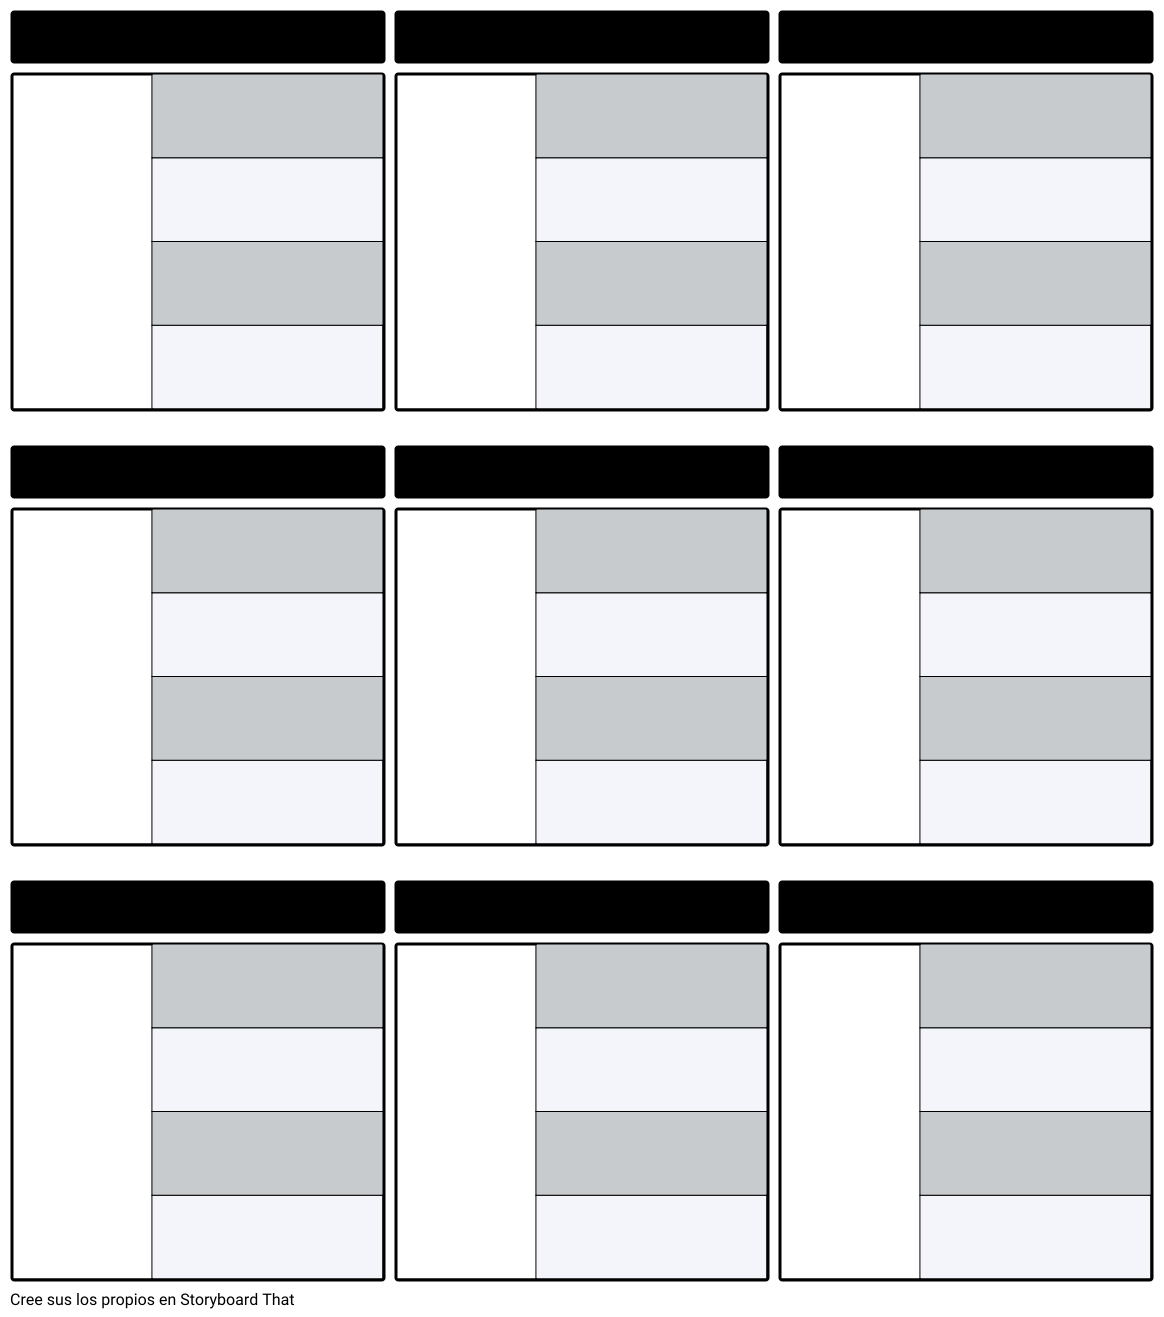 Plantilla del Mapa de Caracteres en Blanco